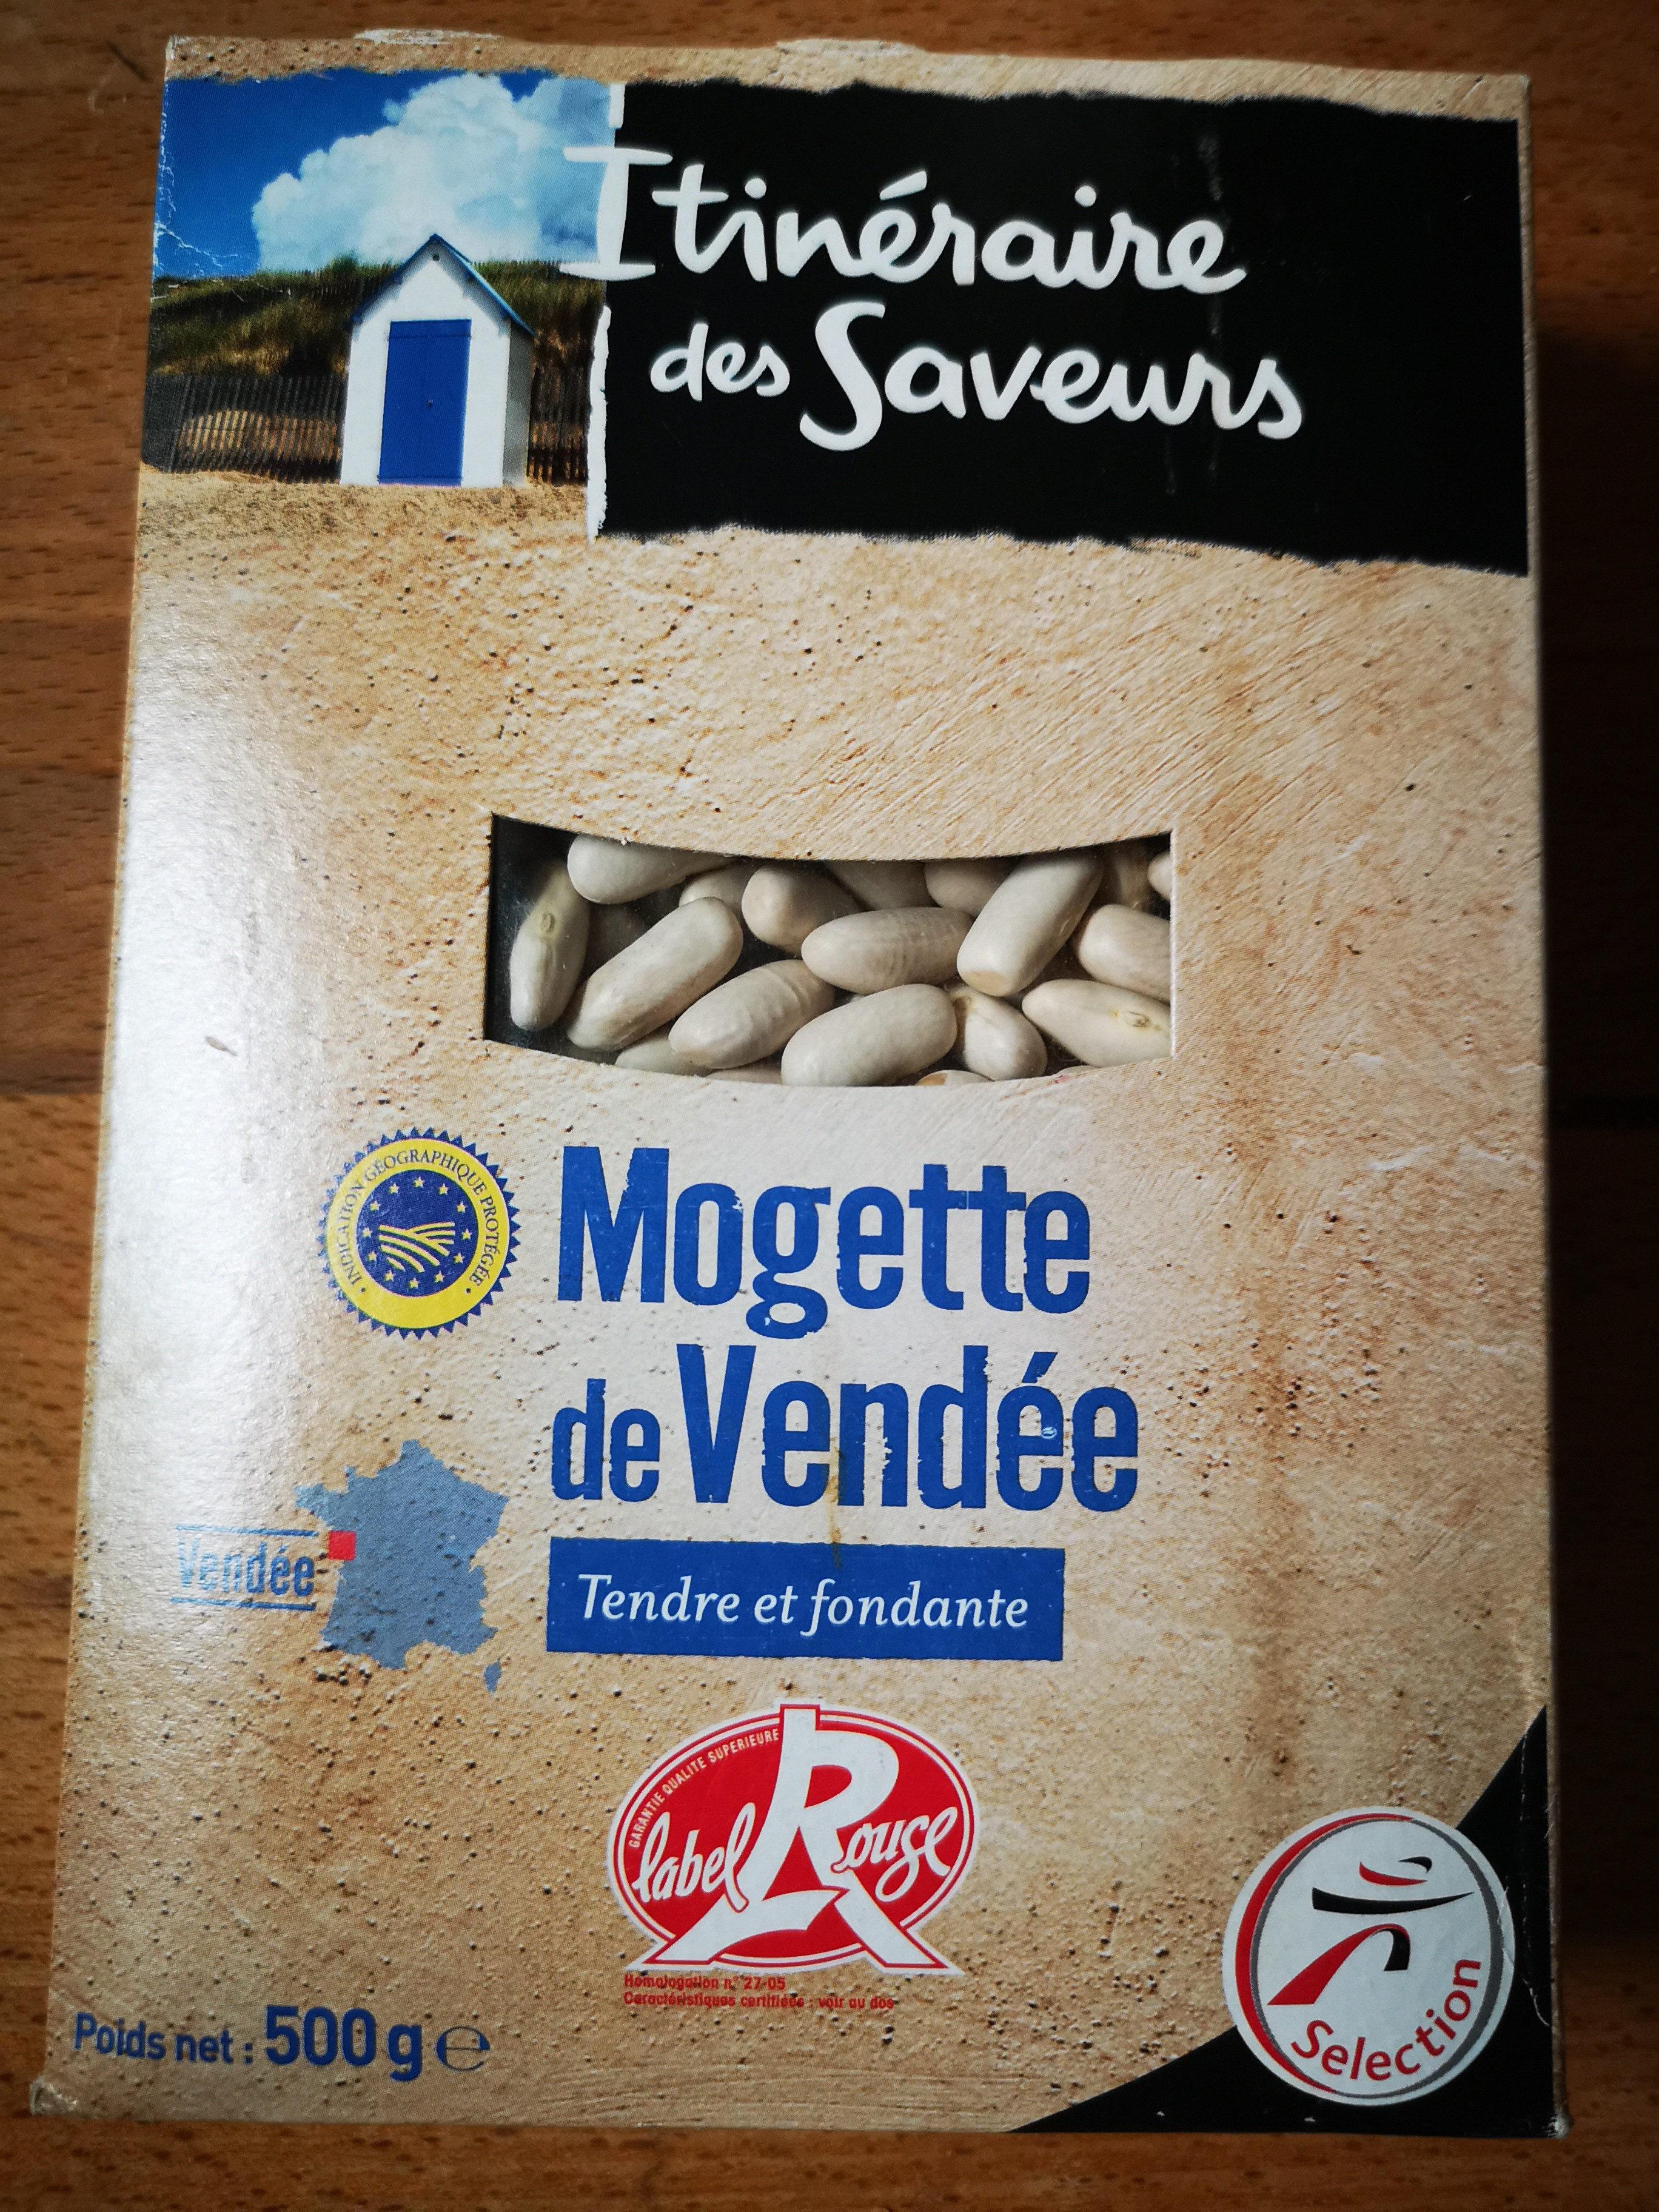 Mogettes de Vendée - Label Rouge - IGP - Produit